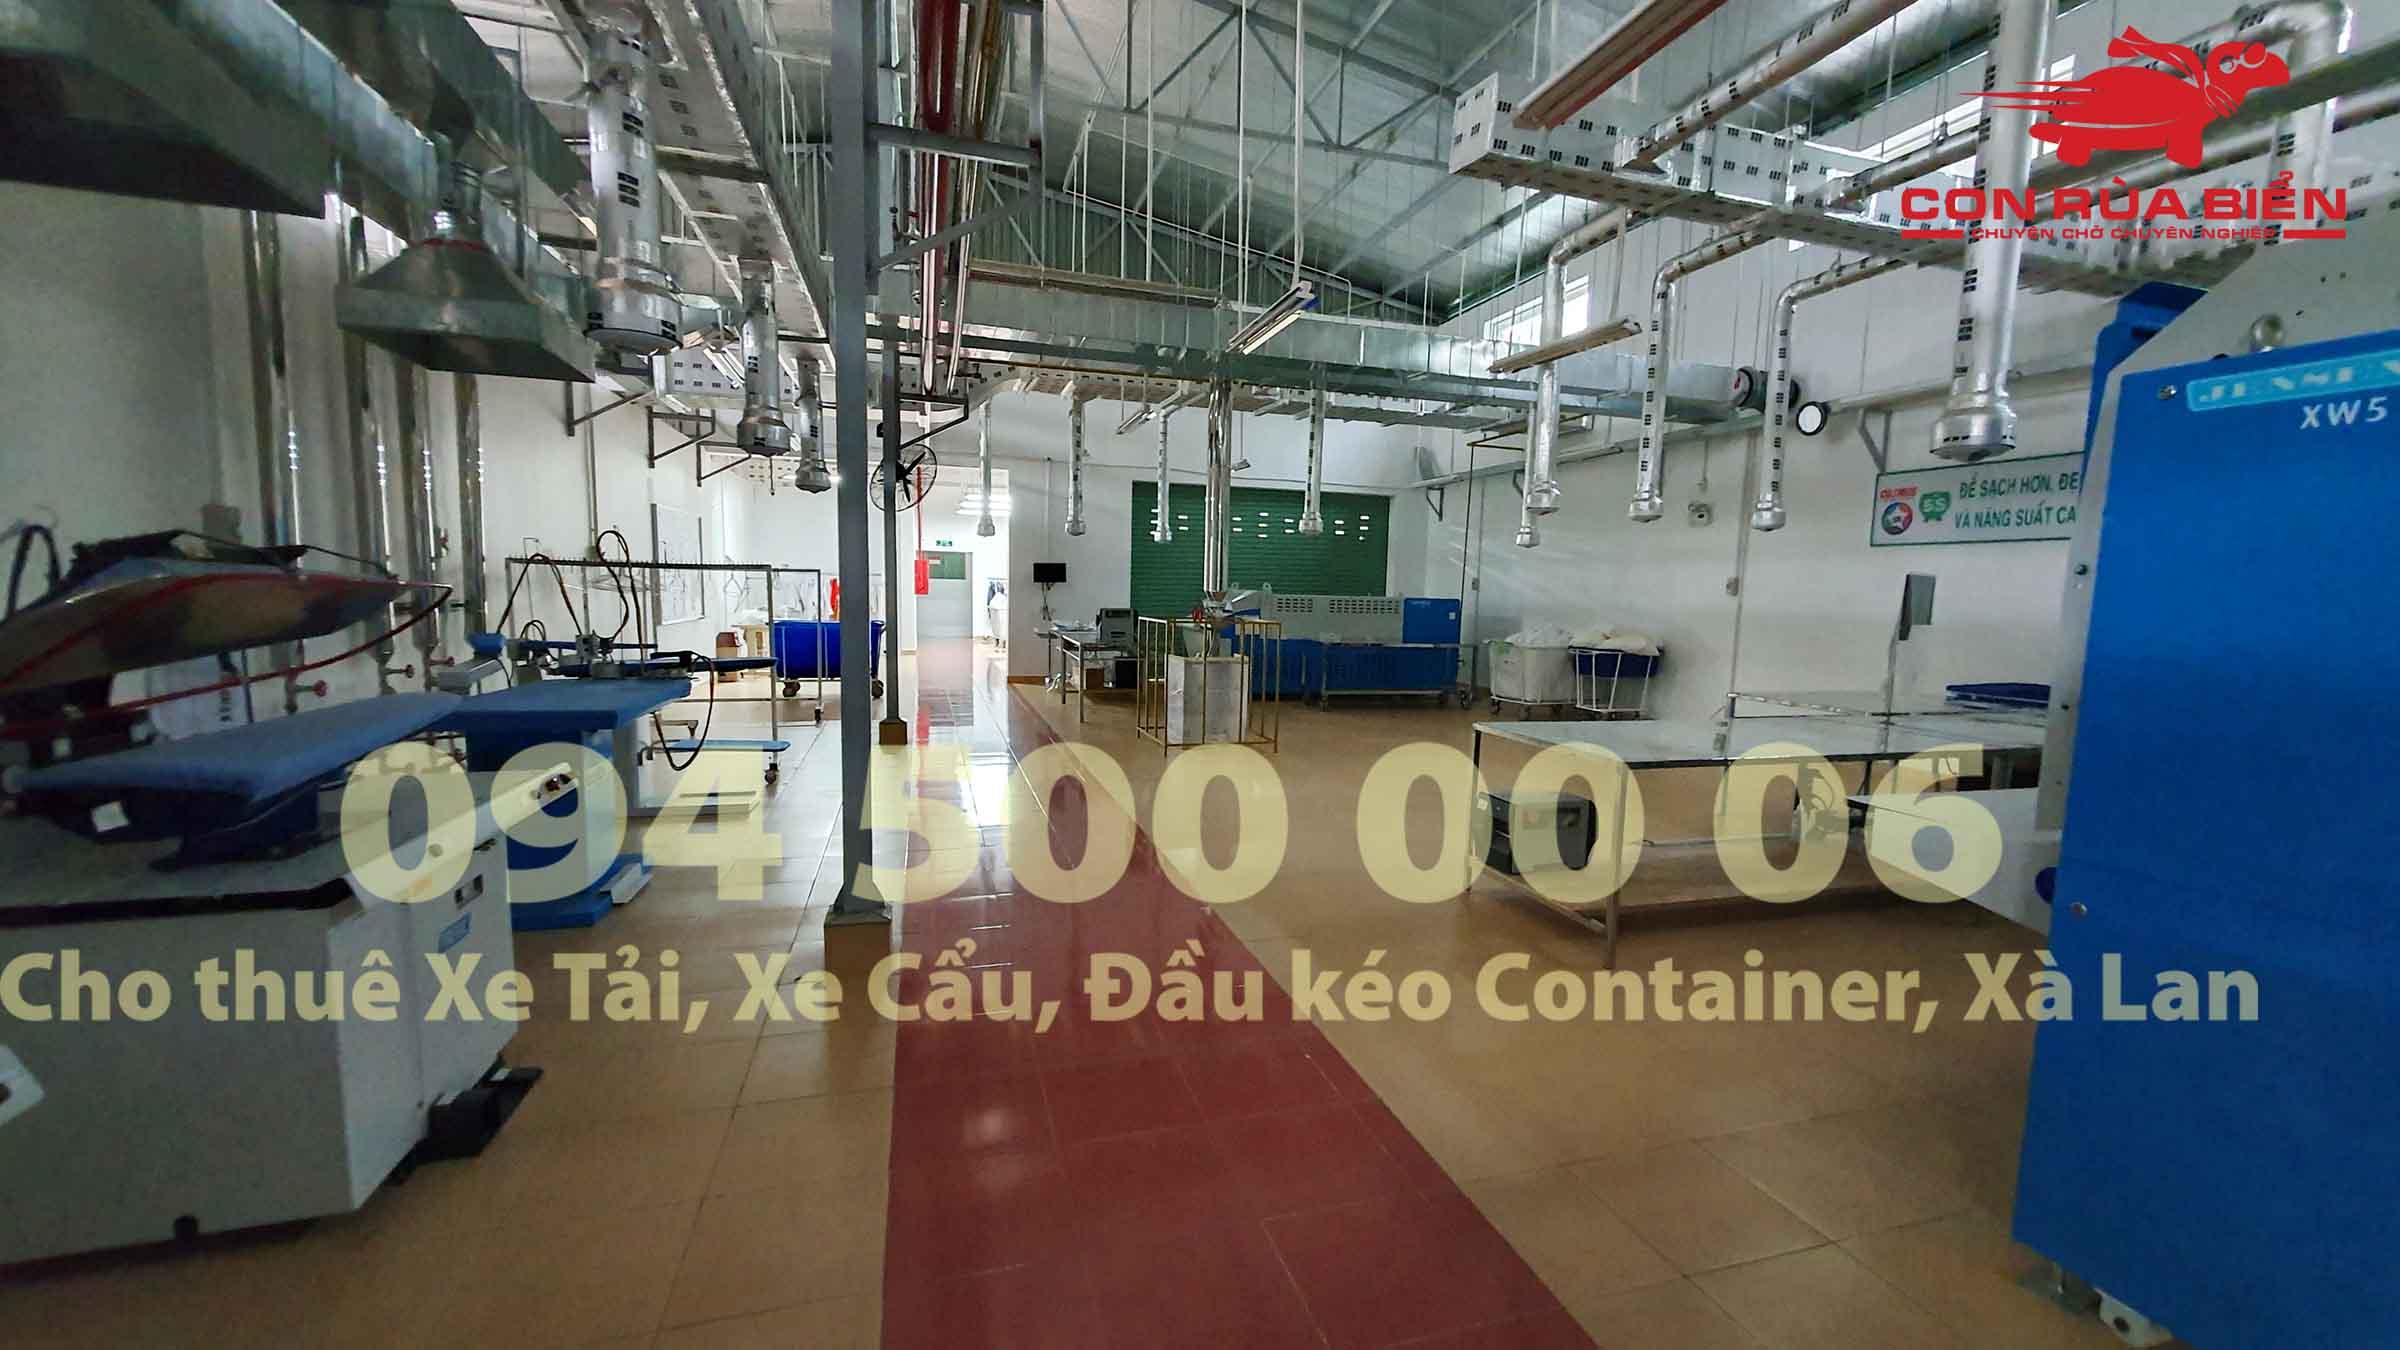 Du an Van chuyen May Giat Say Cong Nghiep di Phu Quoc 8